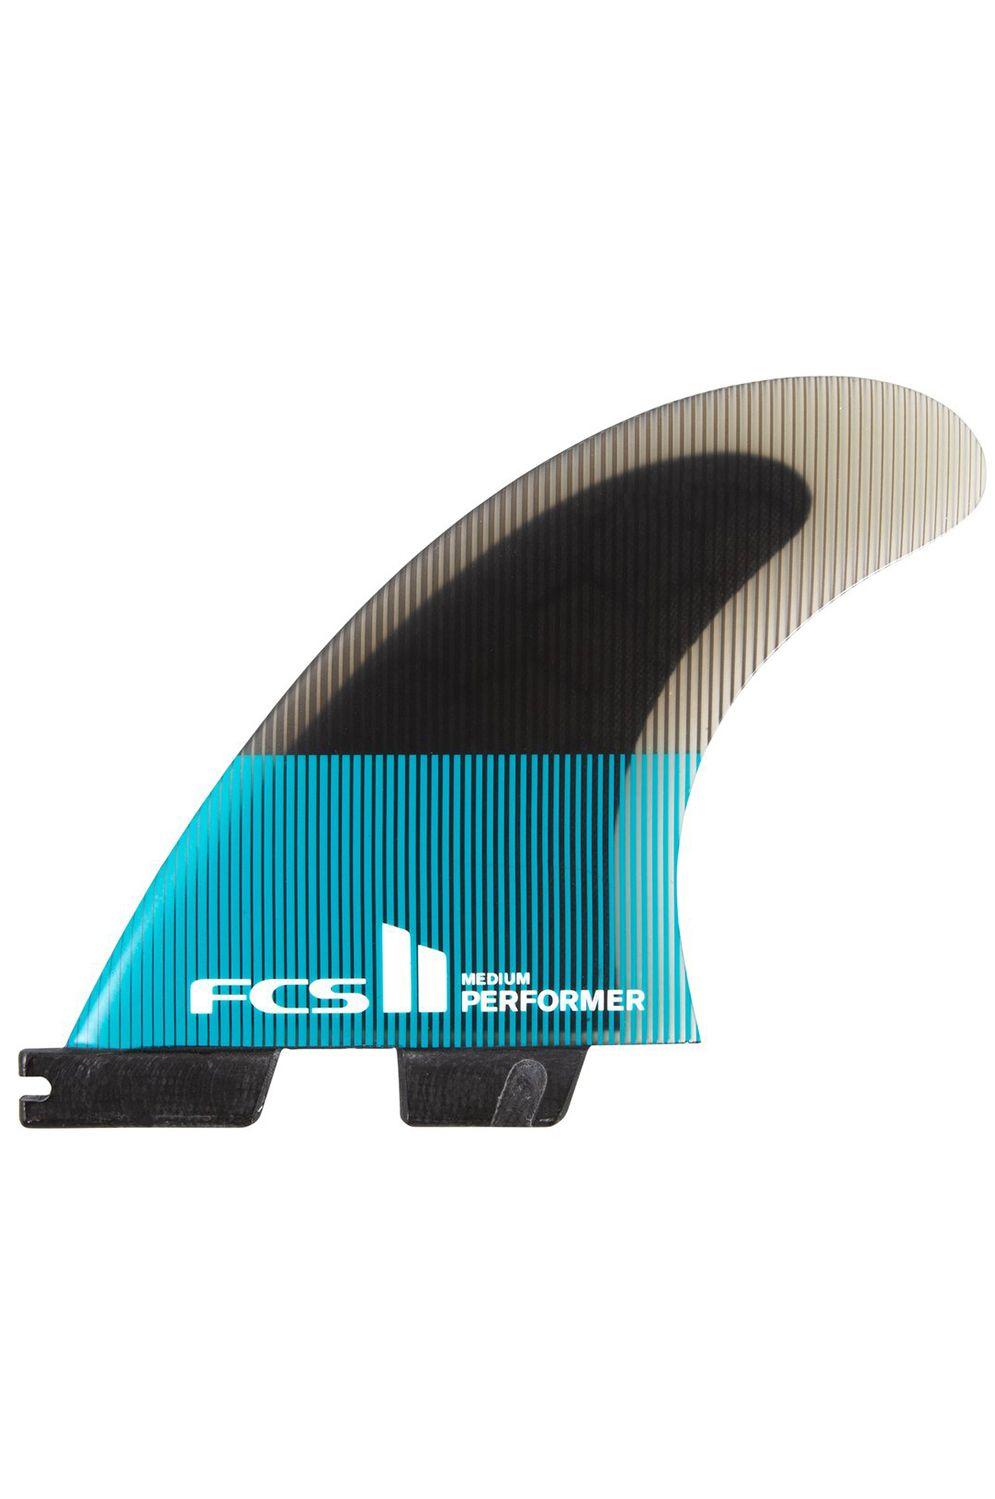 Fcs Fins II PERFORMER PC SMALL TEAL/BLACK TRI Tri FCS II S